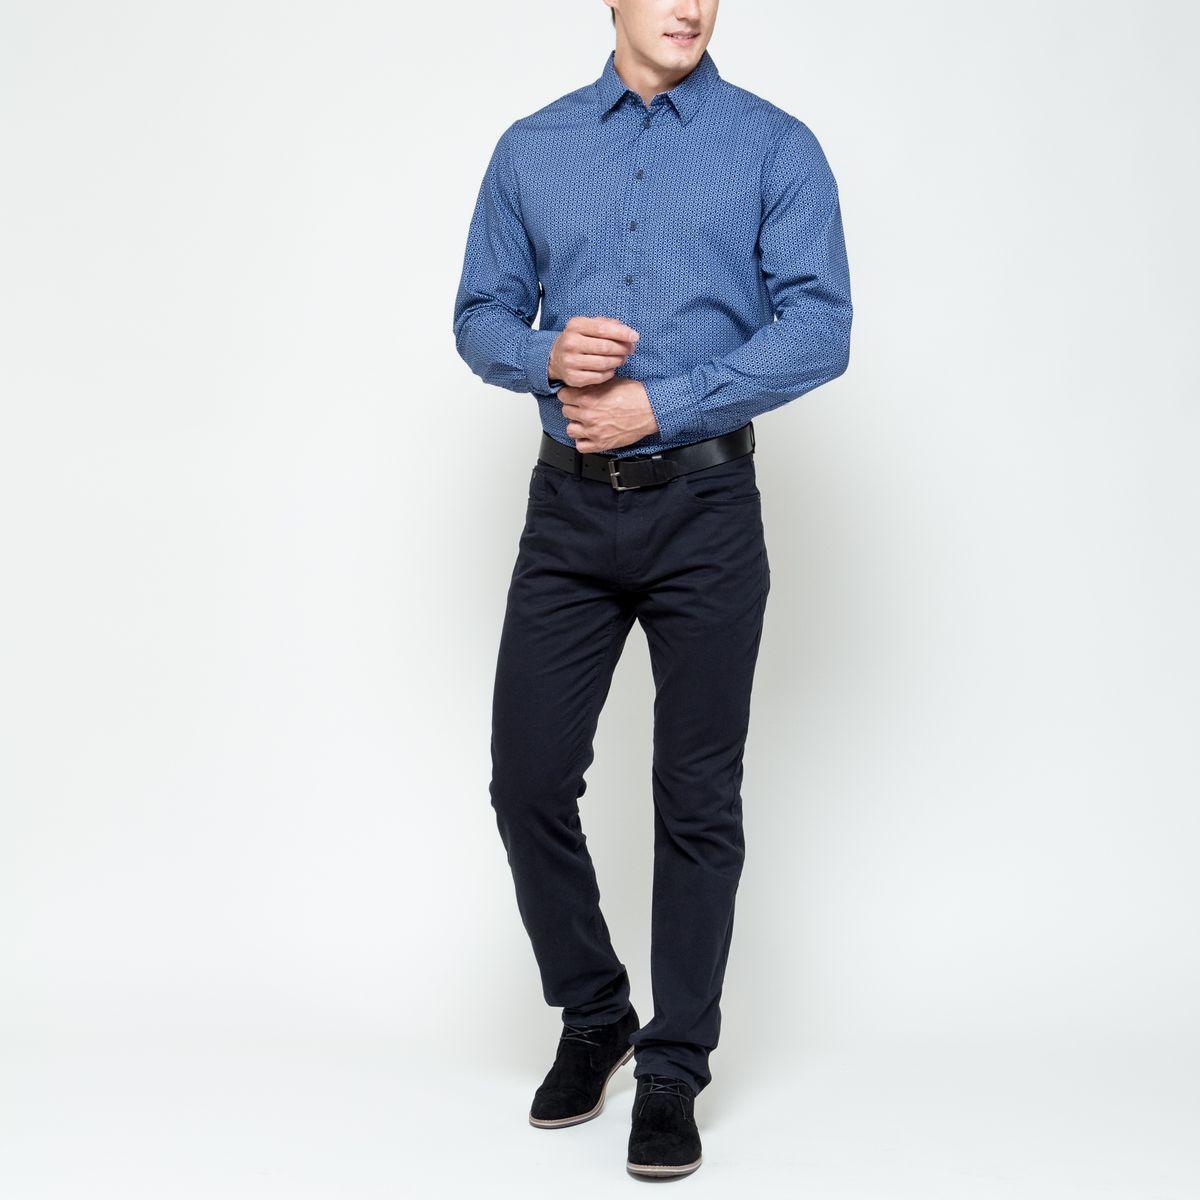 Рубашка мужская Sela Casual Wear, цвет: темно-синий, голубой. H-212/697-6322. Размер 42 (50)H-212/697-6322Стильная мужская рубашка Sela Casual Wear, выполненная из натурального хлопка, позволяет коже дышать, тем самым обеспечивая наибольший комфорт при носке. Модель классического кроя с отложным воротником и длинными рукавами застегивается на пуговицы по всей длине. Модель оформлена оригинальным принтом. Манжеты рукавов дополнены застежками-пуговицами.